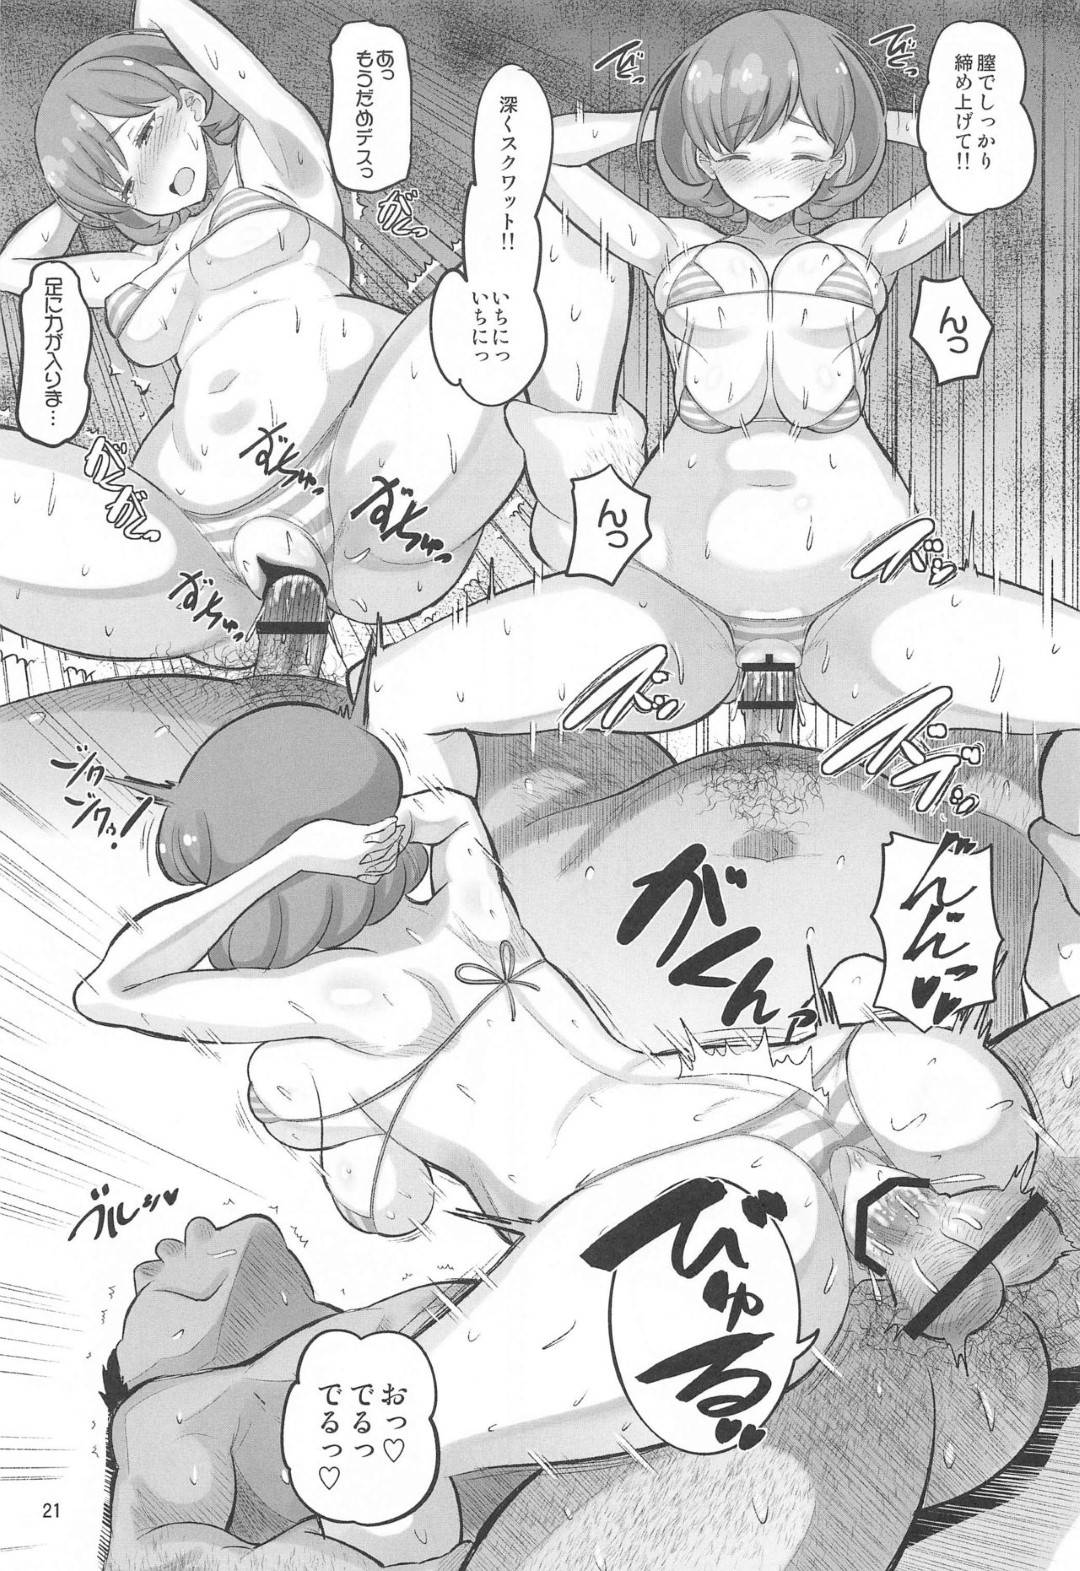 【エロ漫画】【エロ漫画】変態キモオジトレーナーにエロ衣装を着せられて電マ責めされる唐可可…パイパンまんこに媚薬を塗られたあとデカマラで犯されてしまい、激しい連続中出し調教セックスでイキまくる【AMP:クウクウ秘密の大特訓】